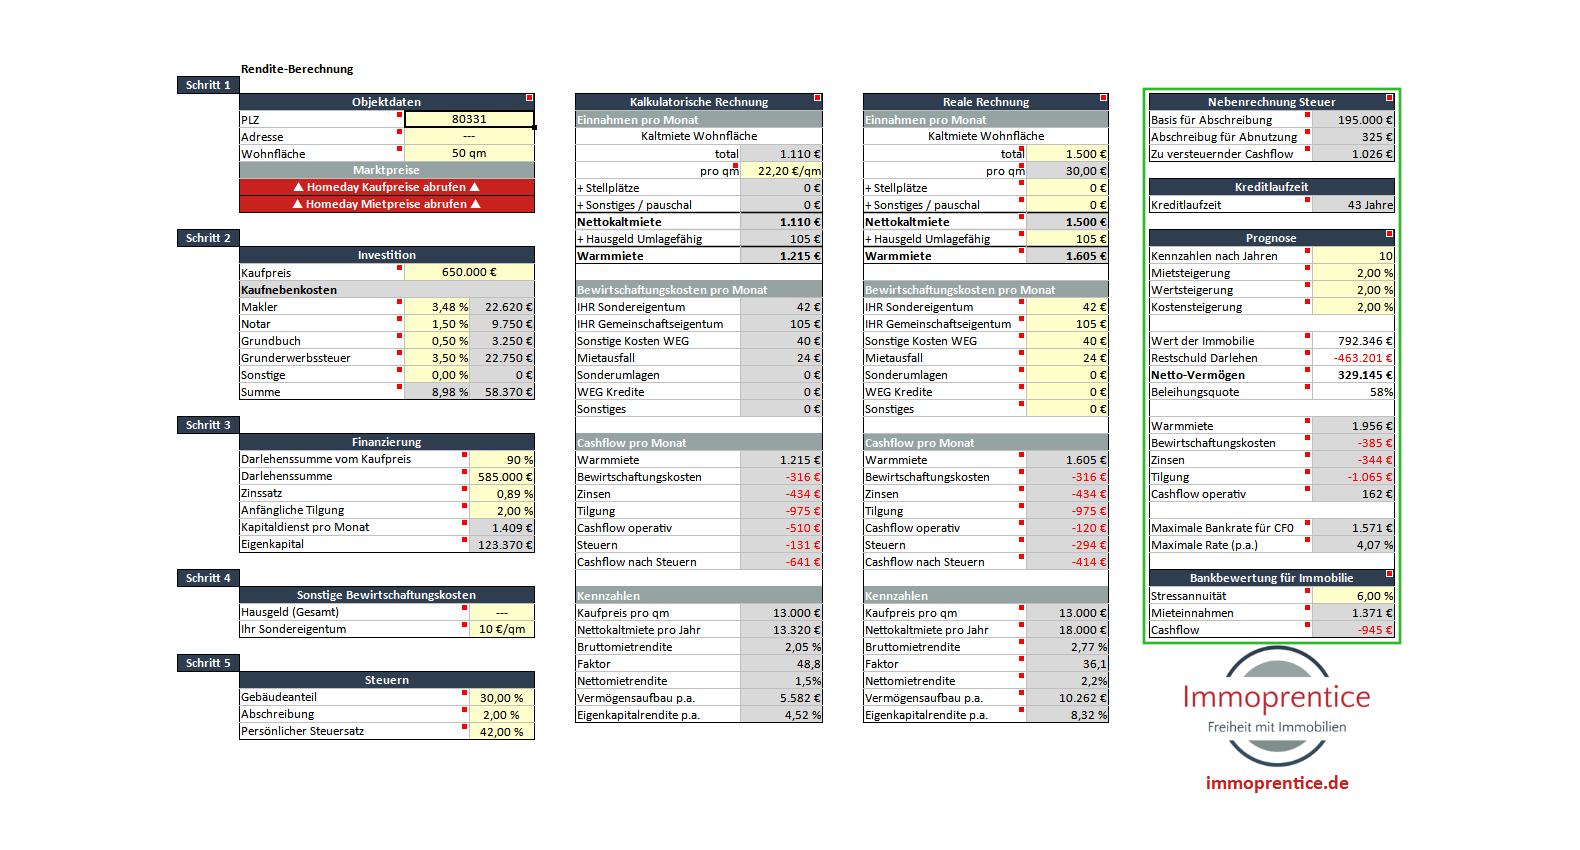 """Screenshot des Immoprentice Immobilien Kalkulationstool Excel in der Variante """"Standard"""". Nutze dieses Immobilien Kalkulationstool um deine Immobilie schnell und einfach in Excel durch zu rechnen."""